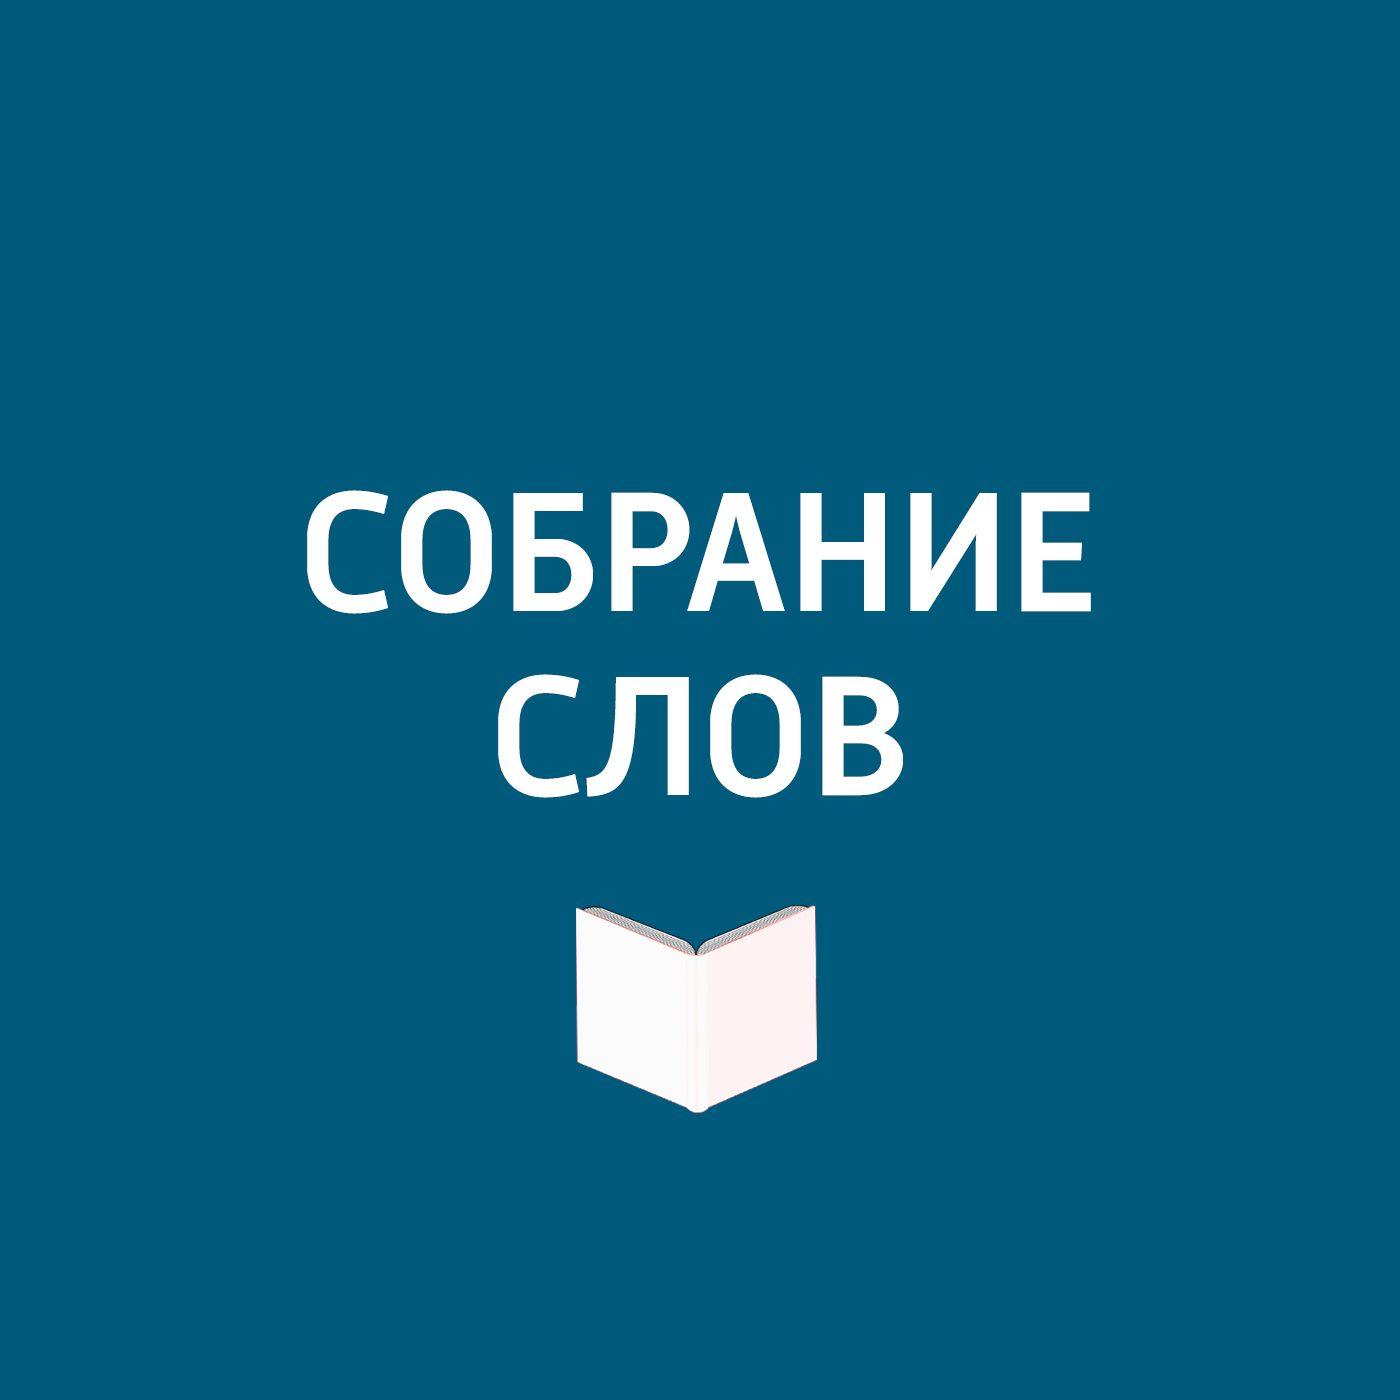 все цены на Творческий коллектив программы «Собрание слов» Большое интервью Сергея Николаевича онлайн